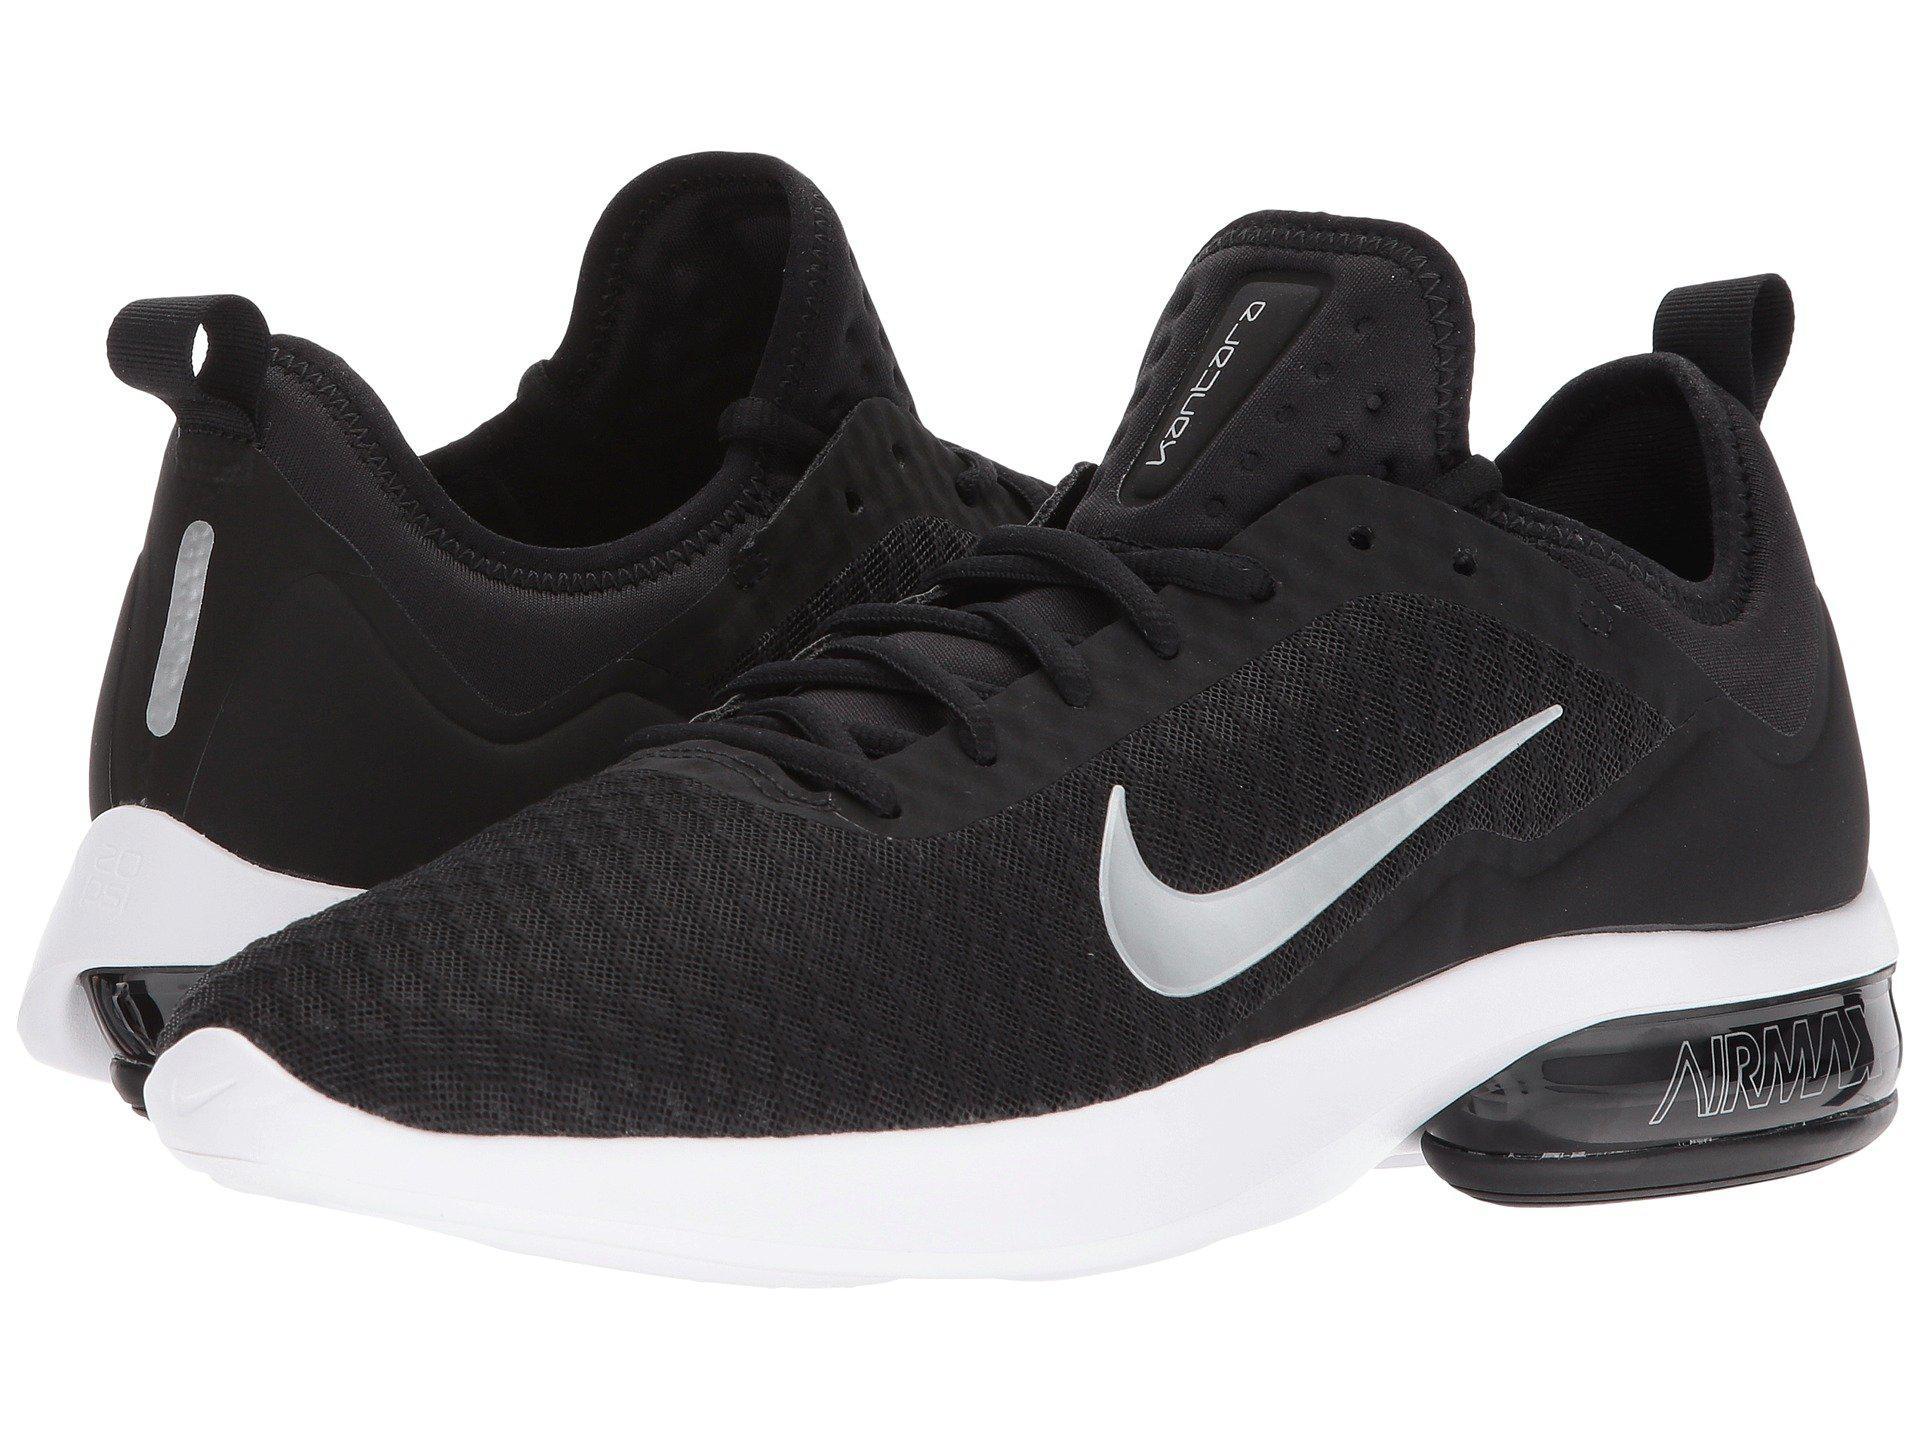 b9f21c88d02d Lyst - Nike Air Max Kantara in Black for Men - Save 17%